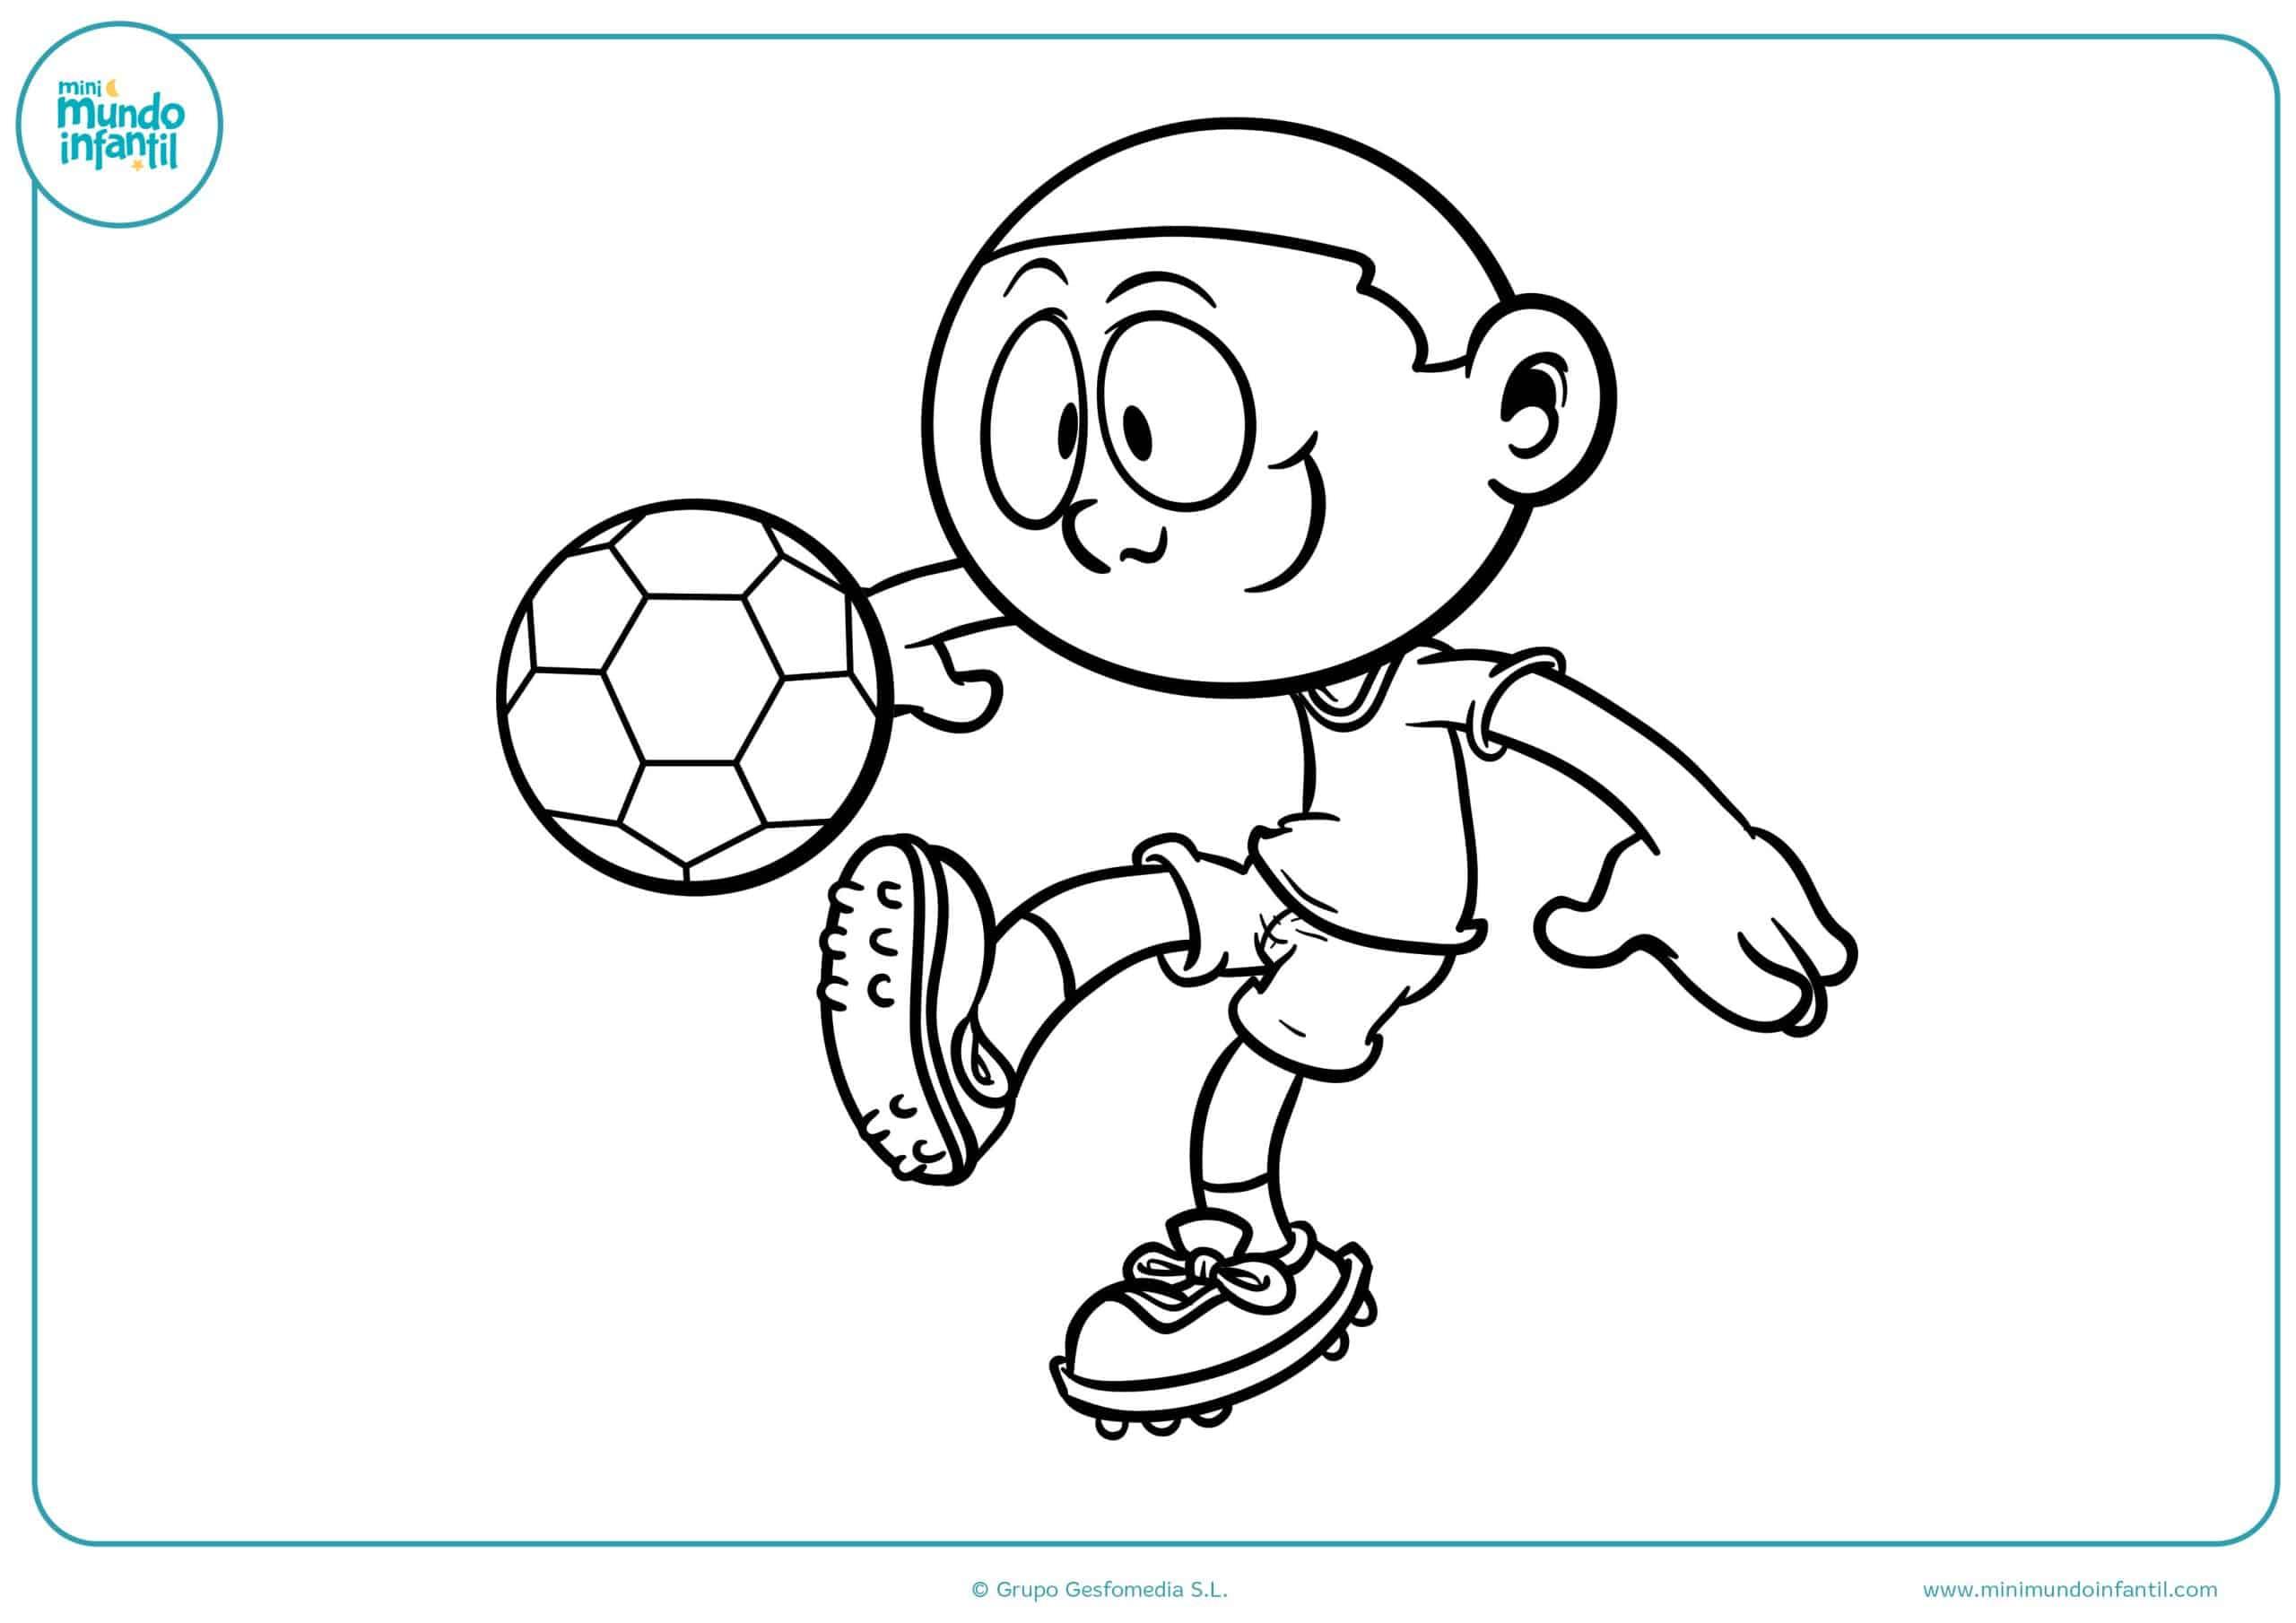 Dibujos Para Ninos Para Colorear E Imprimir: Los Mejores Dibujos De Fútbol Para Colorear E Imprimir